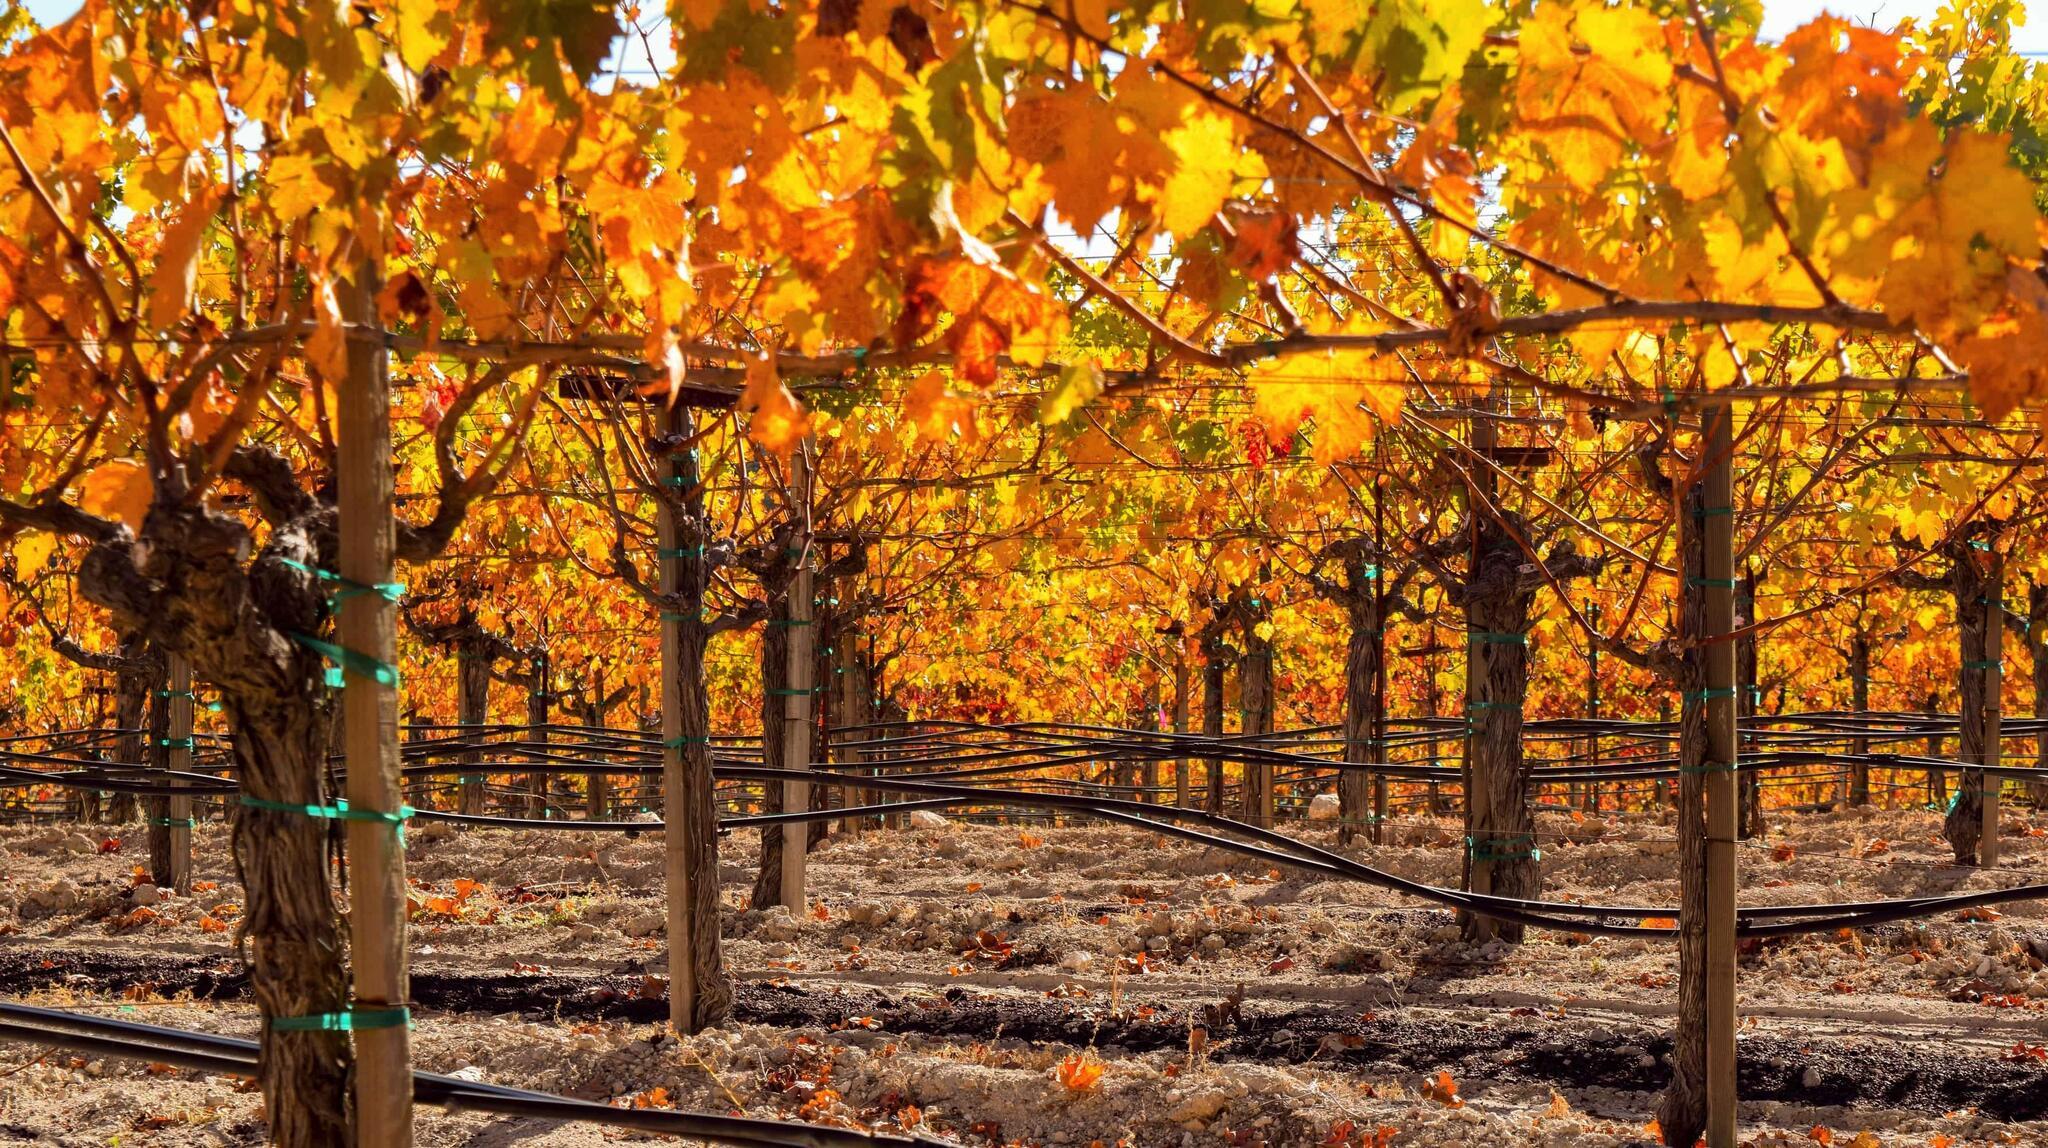 Schweiger Vineyards Cover Image